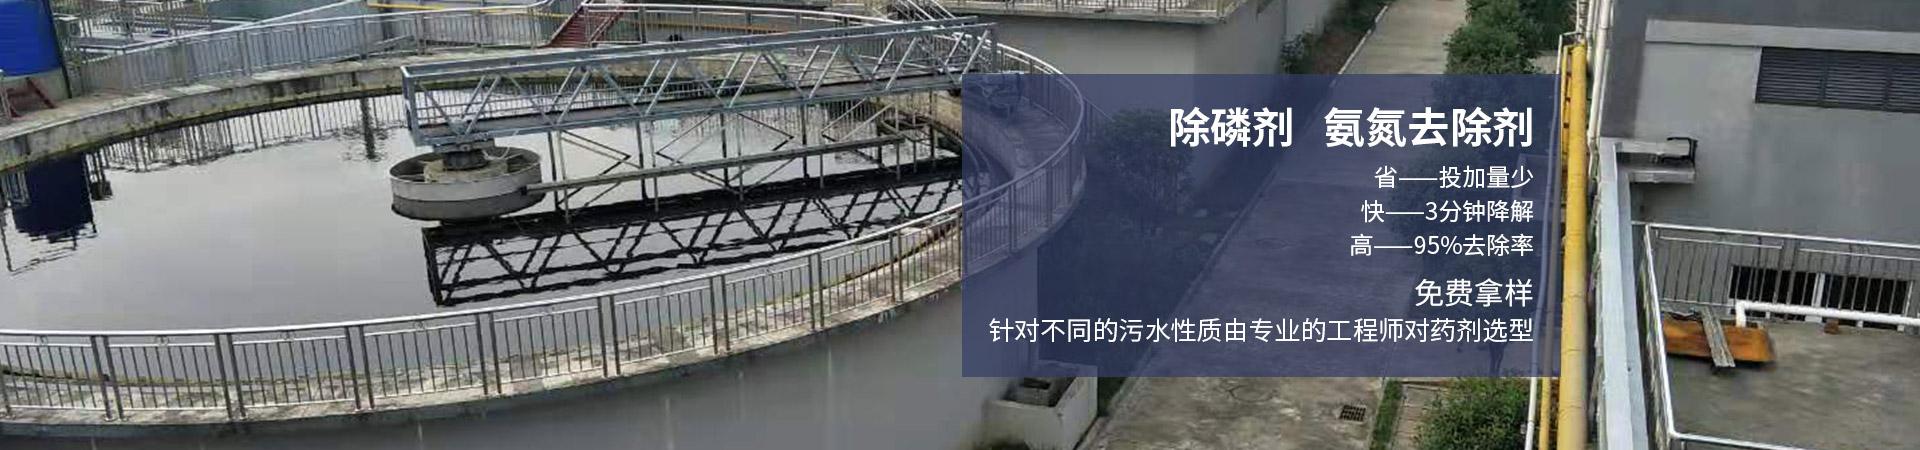 宁波海曙格霖森环保科技有限公司